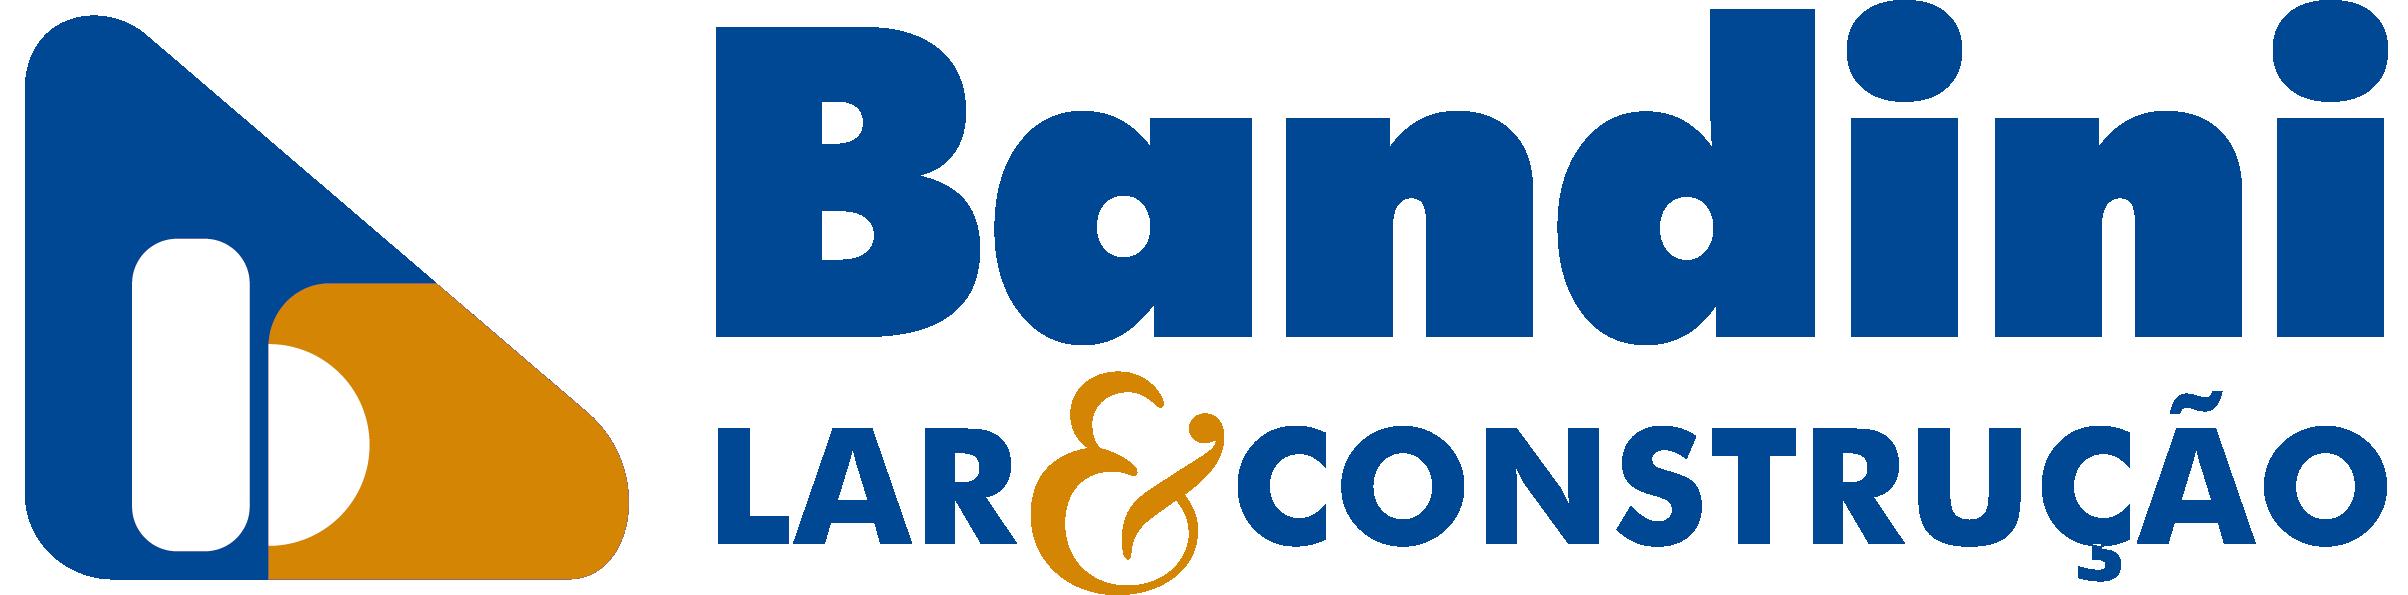 Bandini Lar e Construção